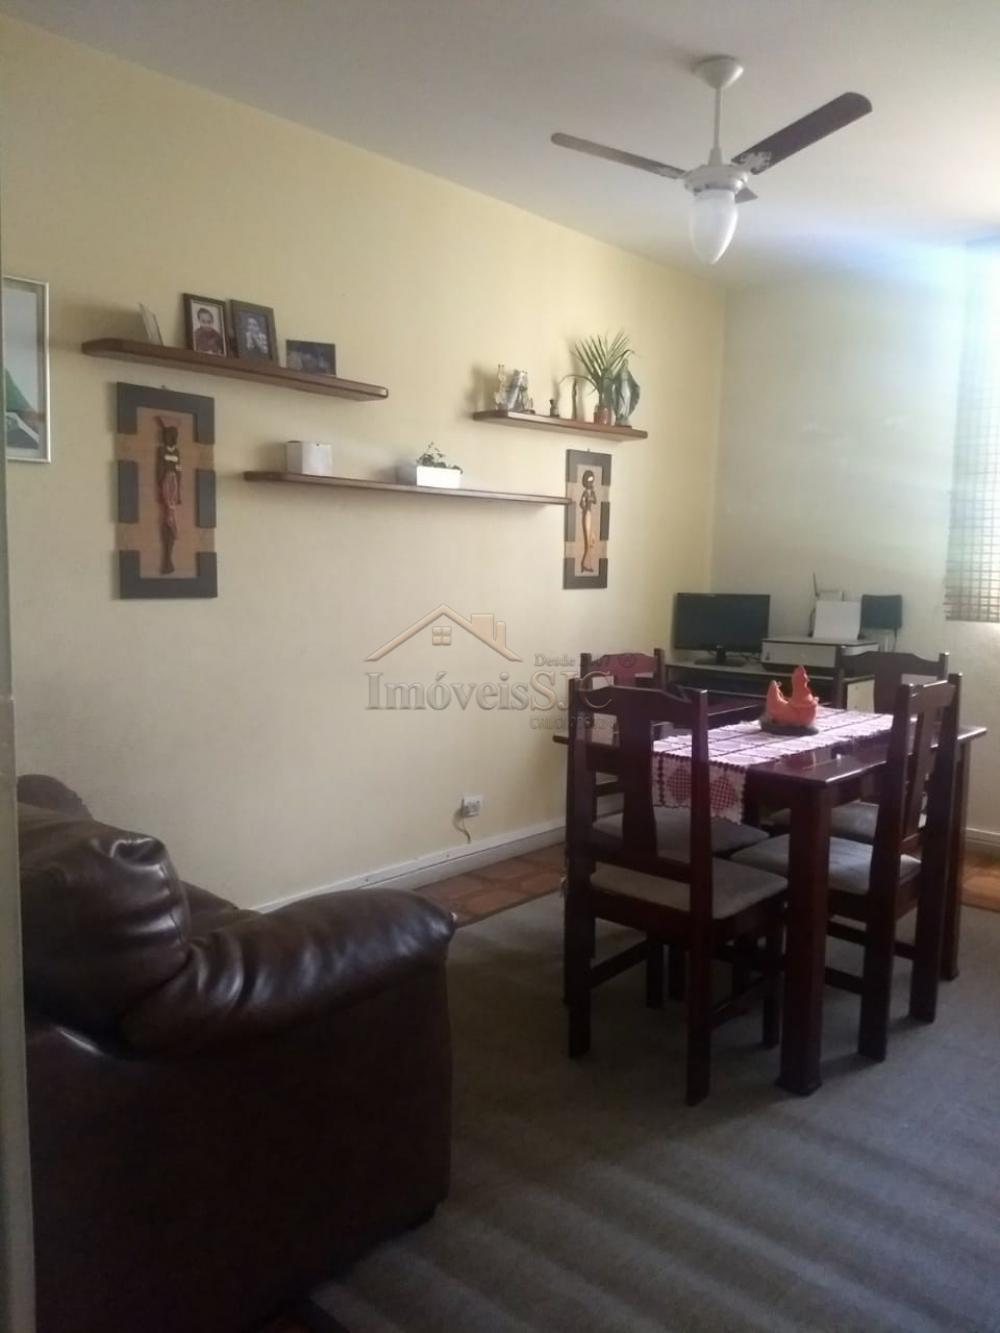 Comprar Apartamentos / Padrão em São José dos Campos apenas R$ 285.000,00 - Foto 1